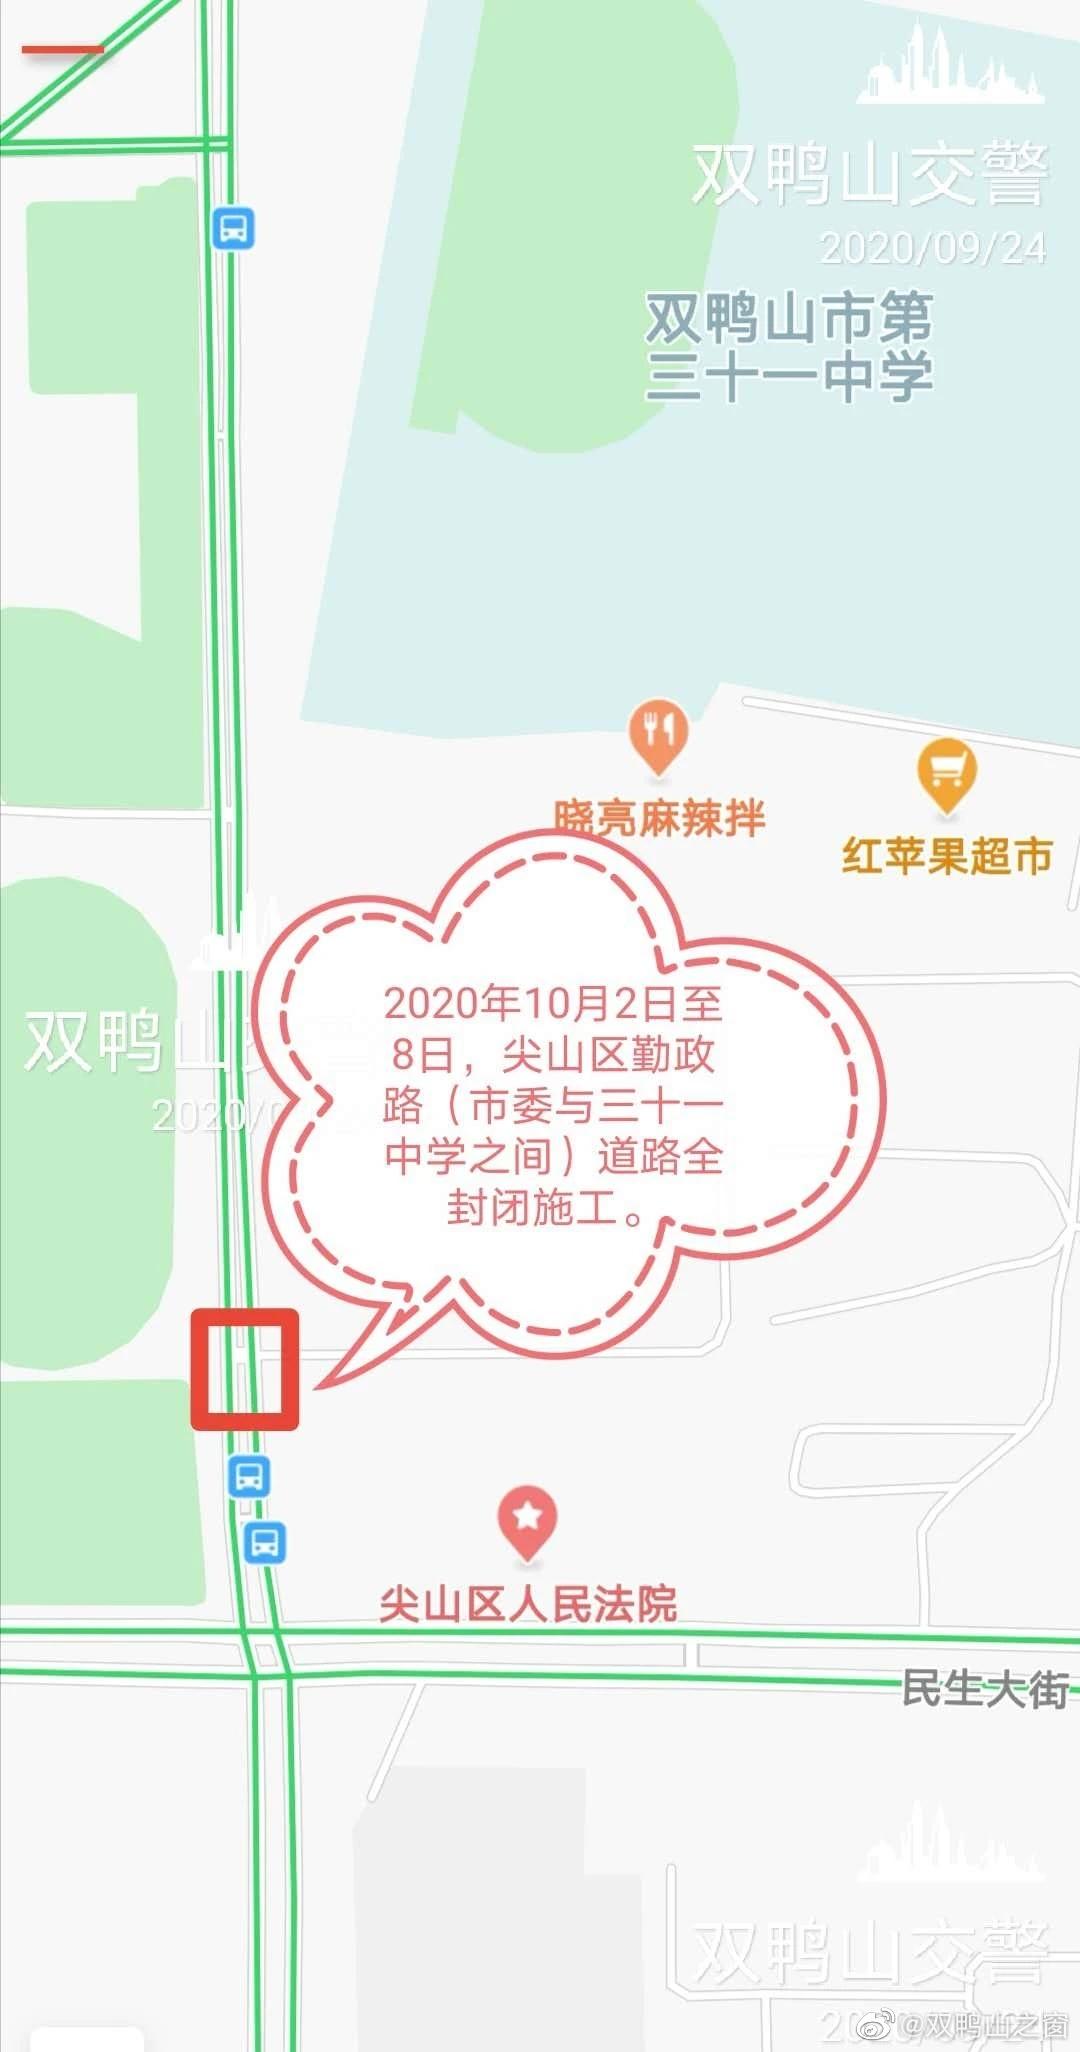 从10月2日起 尖山区市政广场的四个部分将因供热管网的创新而关闭一周